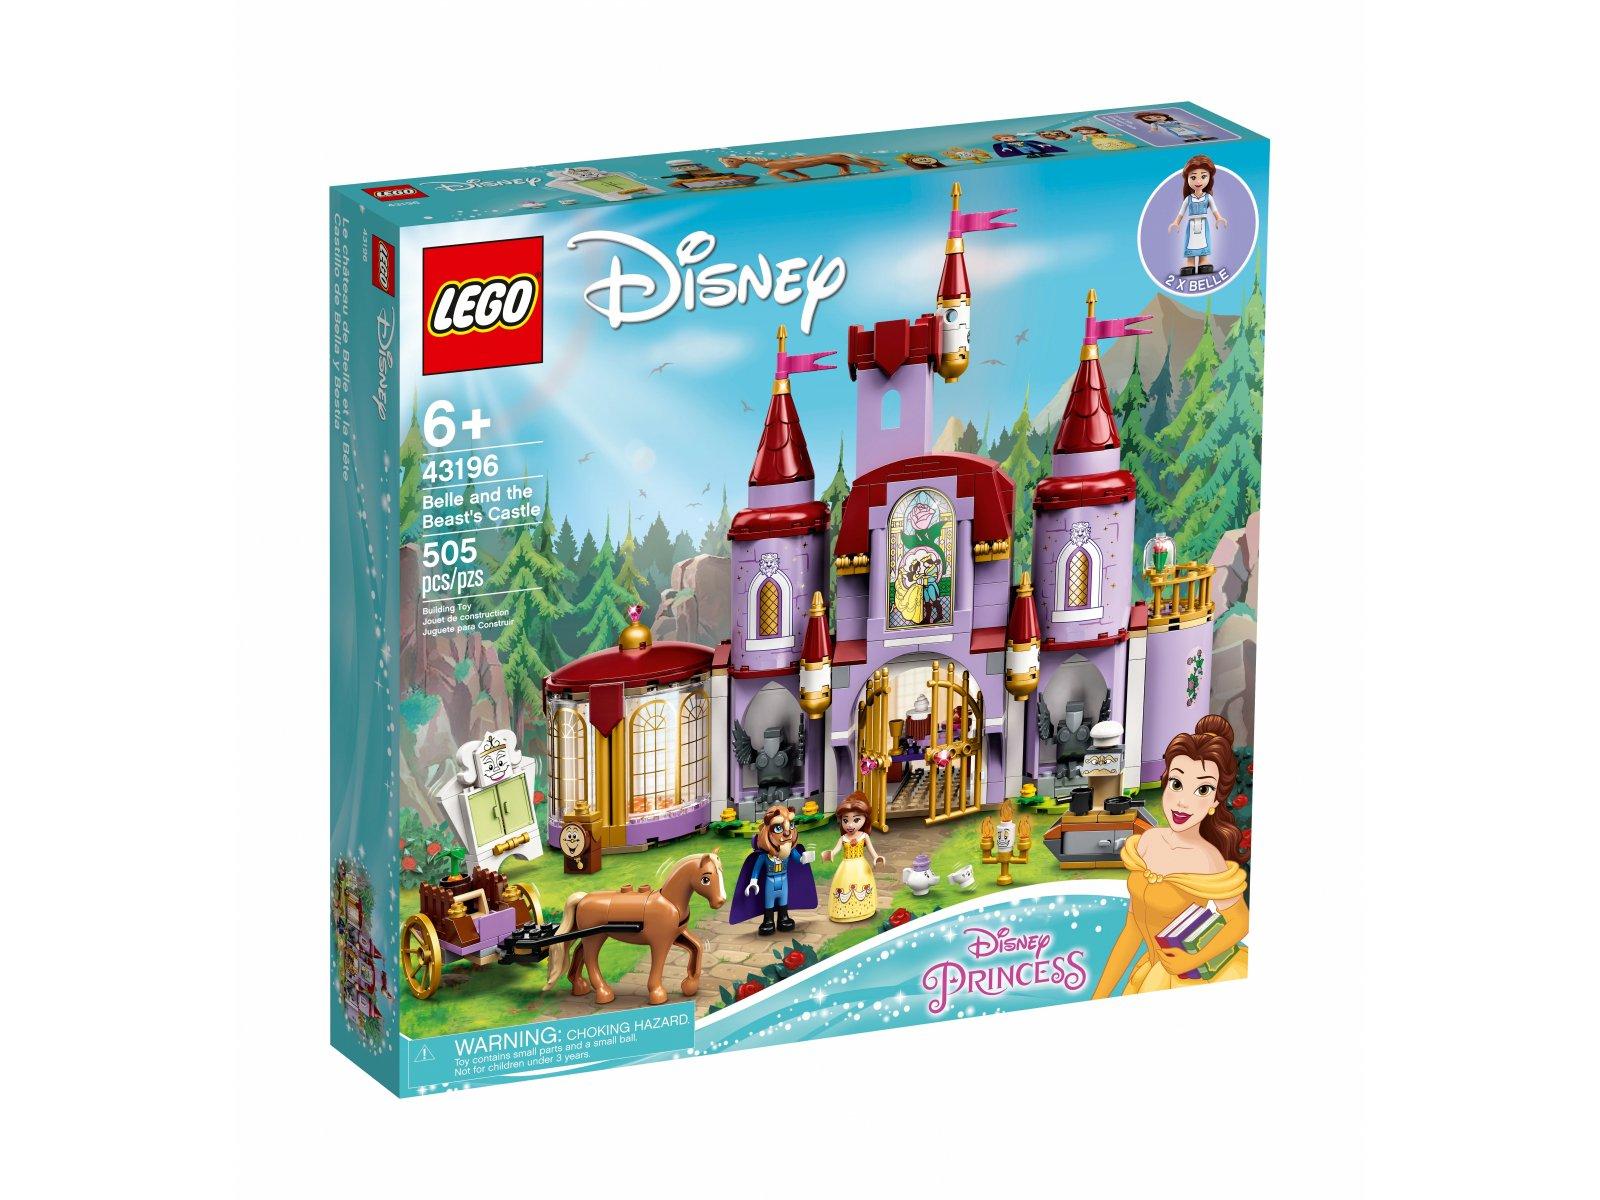 LEGO 43196 Zamek Belli i Bestii